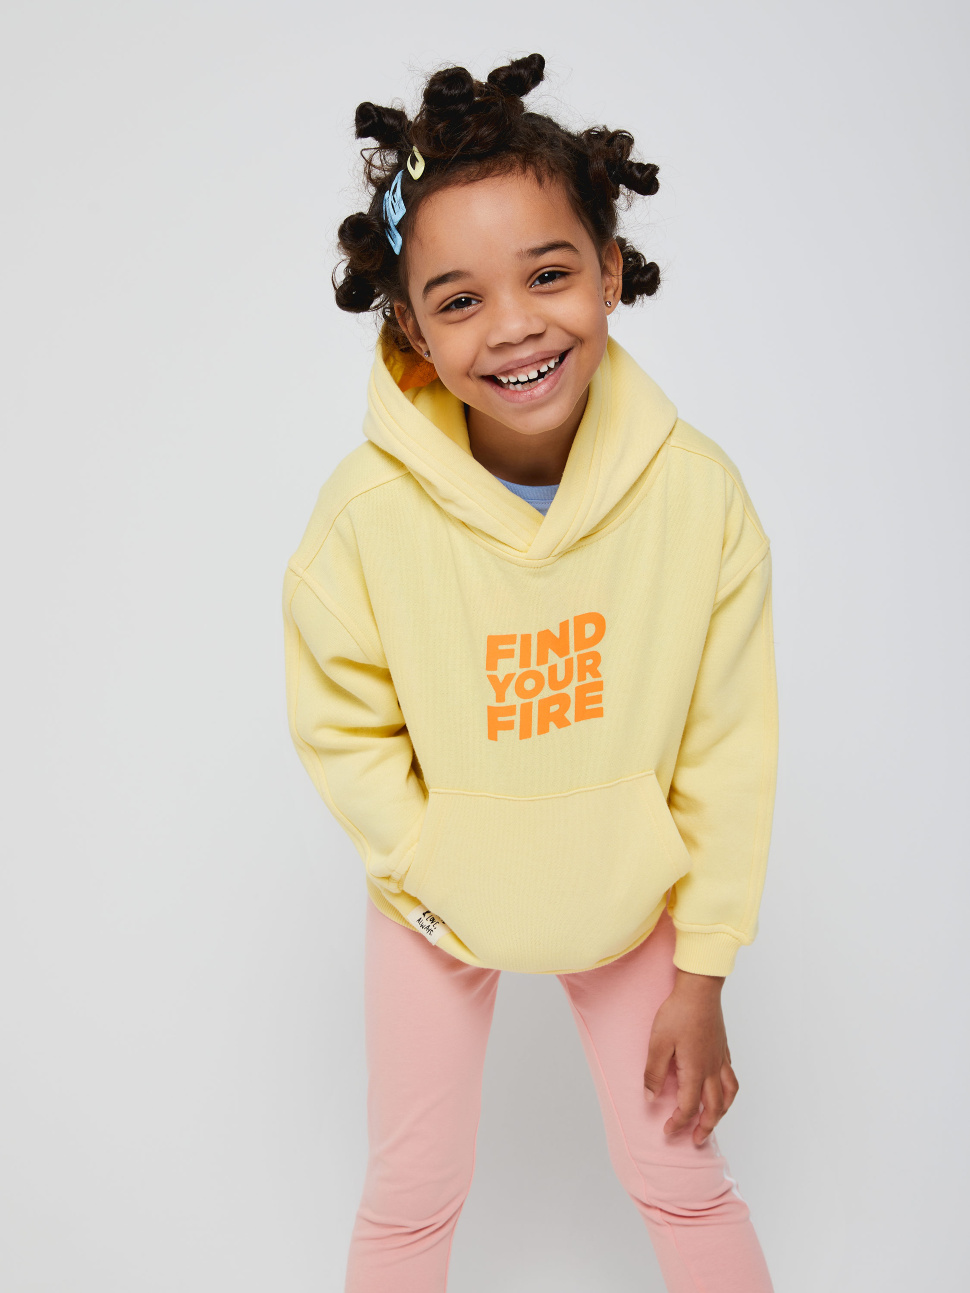 Джемпер для девочек цвет: желтый, артикул: 18020404310 - купить в интернет-магазине sela